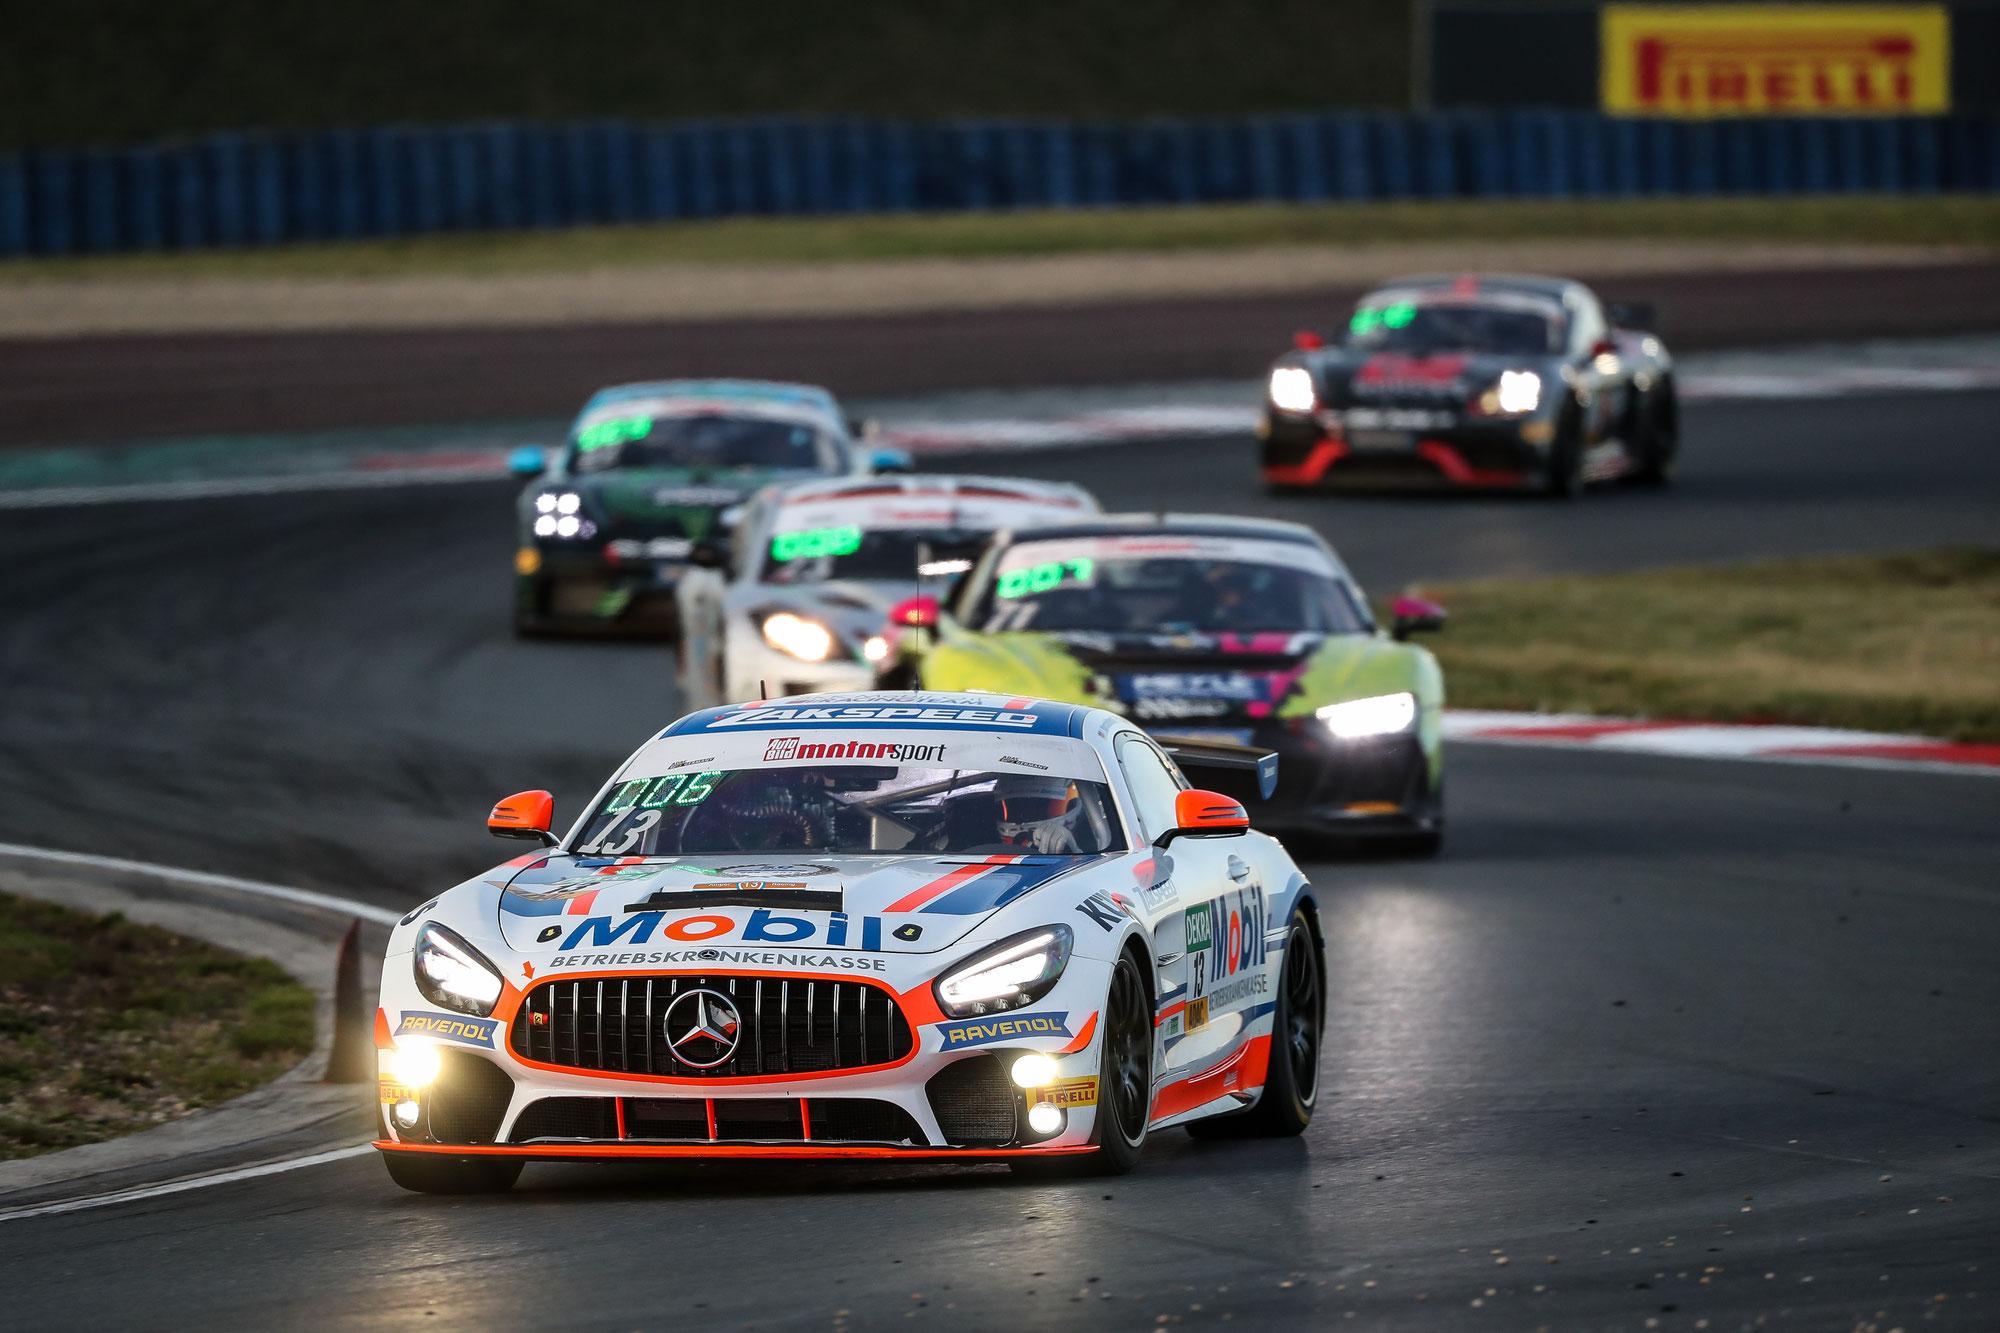 Team Zakspeed mit zwei Mercedes-AMG in der ADAC GT4 Germany